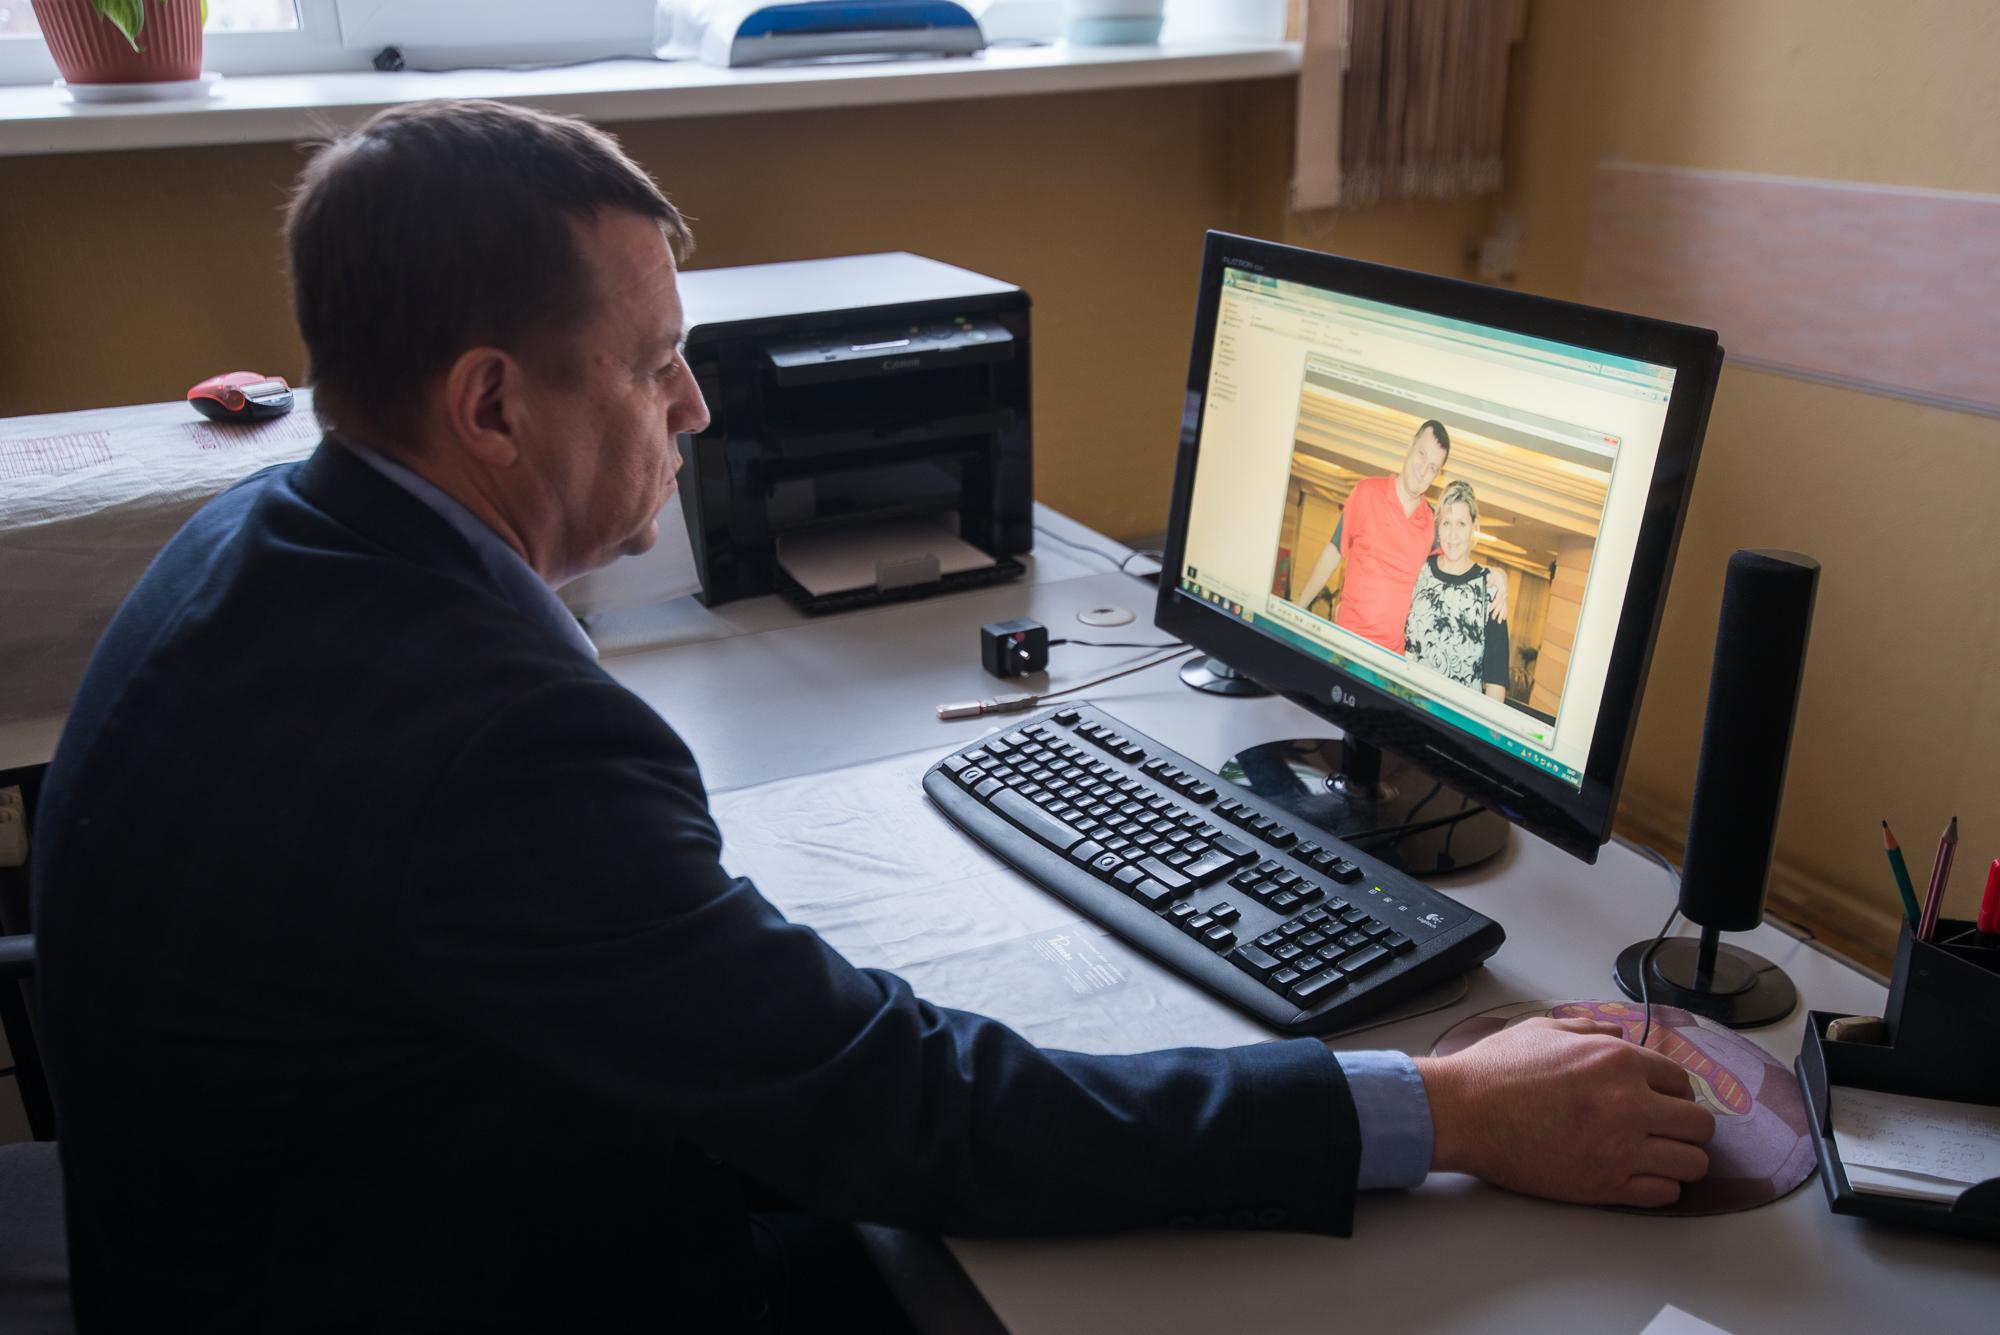 Майор МЧС из Каменска-Уральского Алексей Земцов потерял жену. Экспертиза установила, что женщине повредили органы при операции, а помощь вовремя не оказали